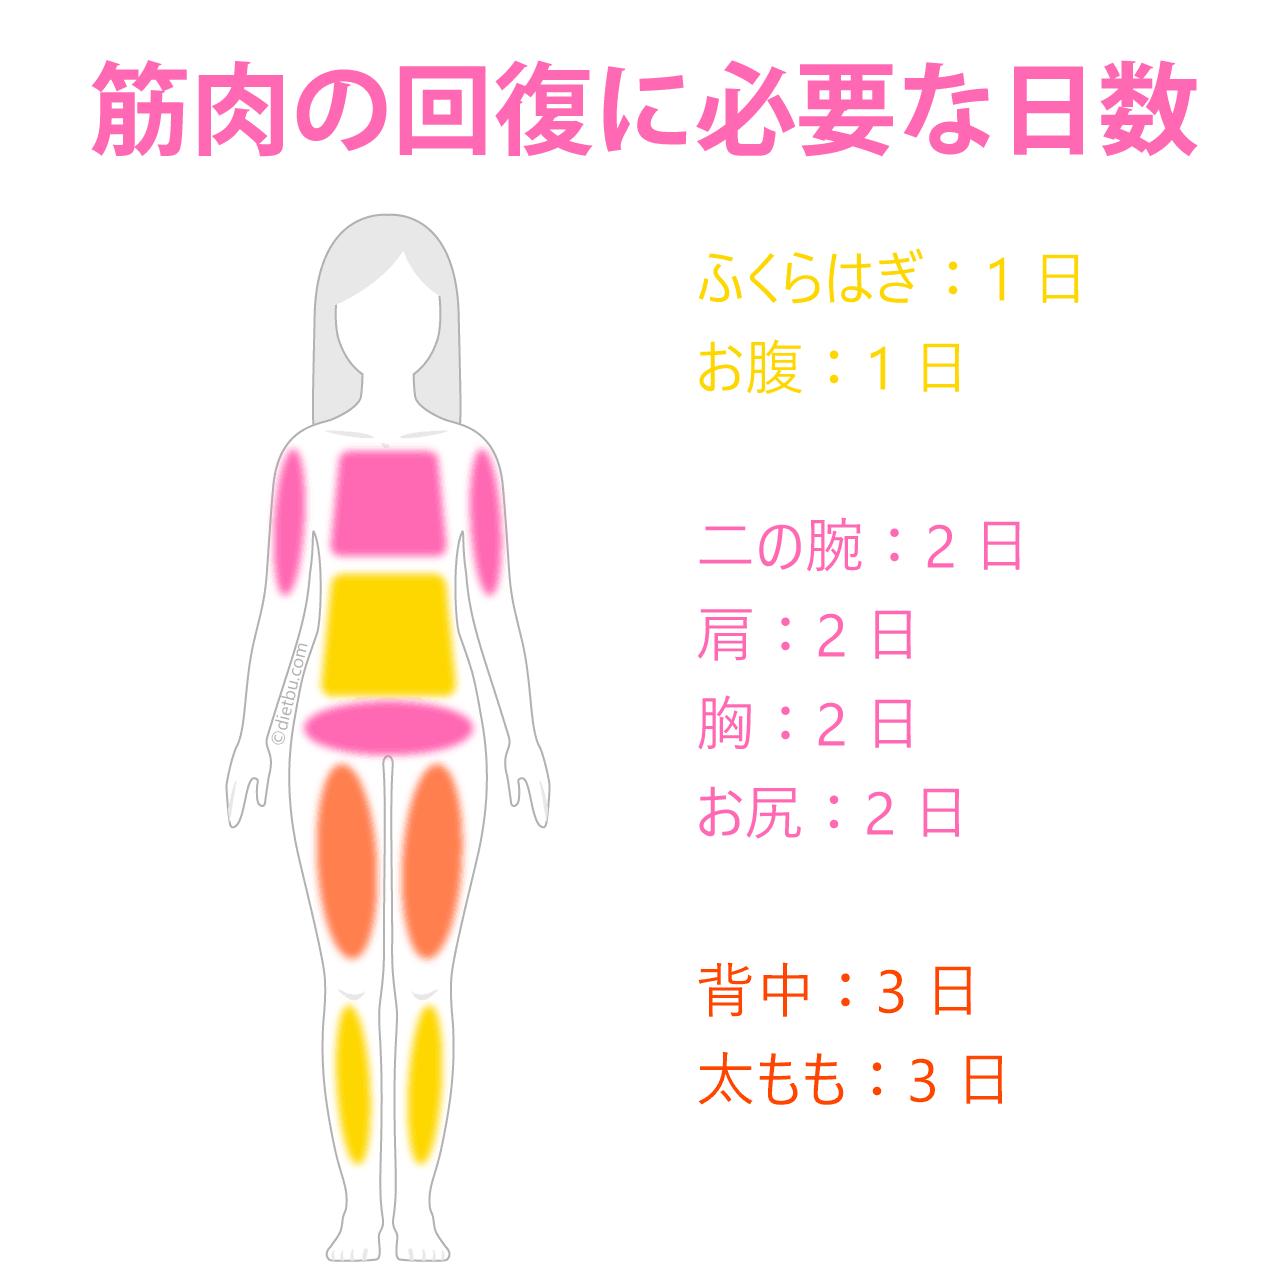 筋肉の回復に必要な日数